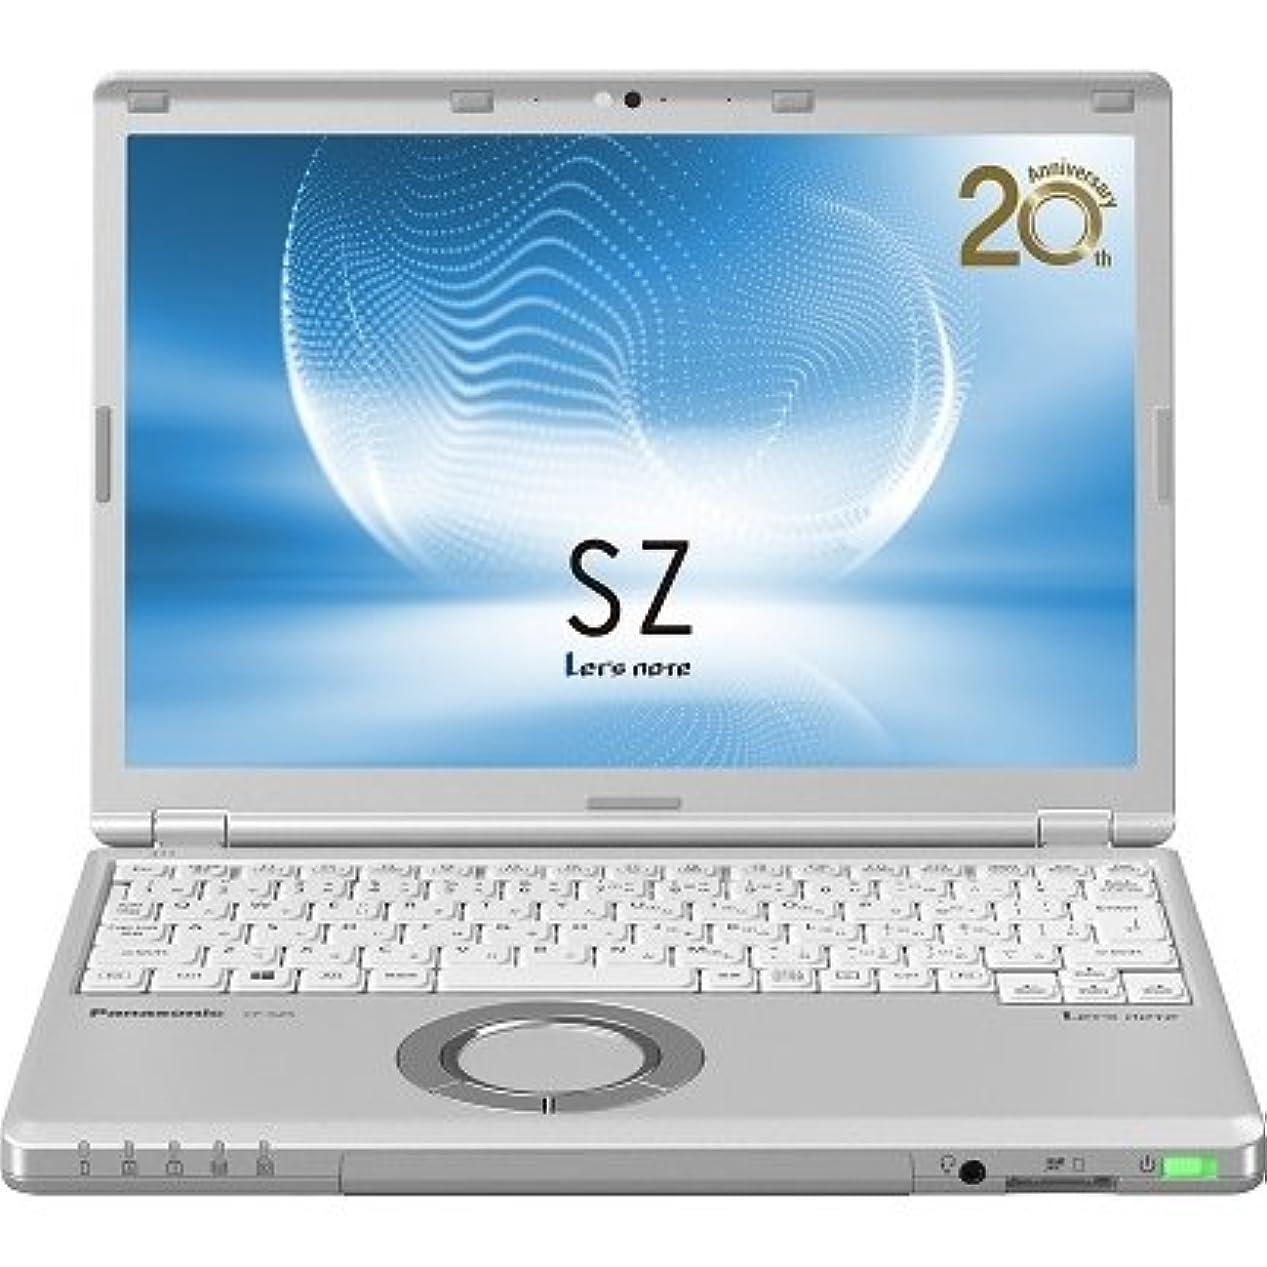 家族電子レンジメタルラインパナソニック CF-SZ5P19VS レッツノート CF-SZ5